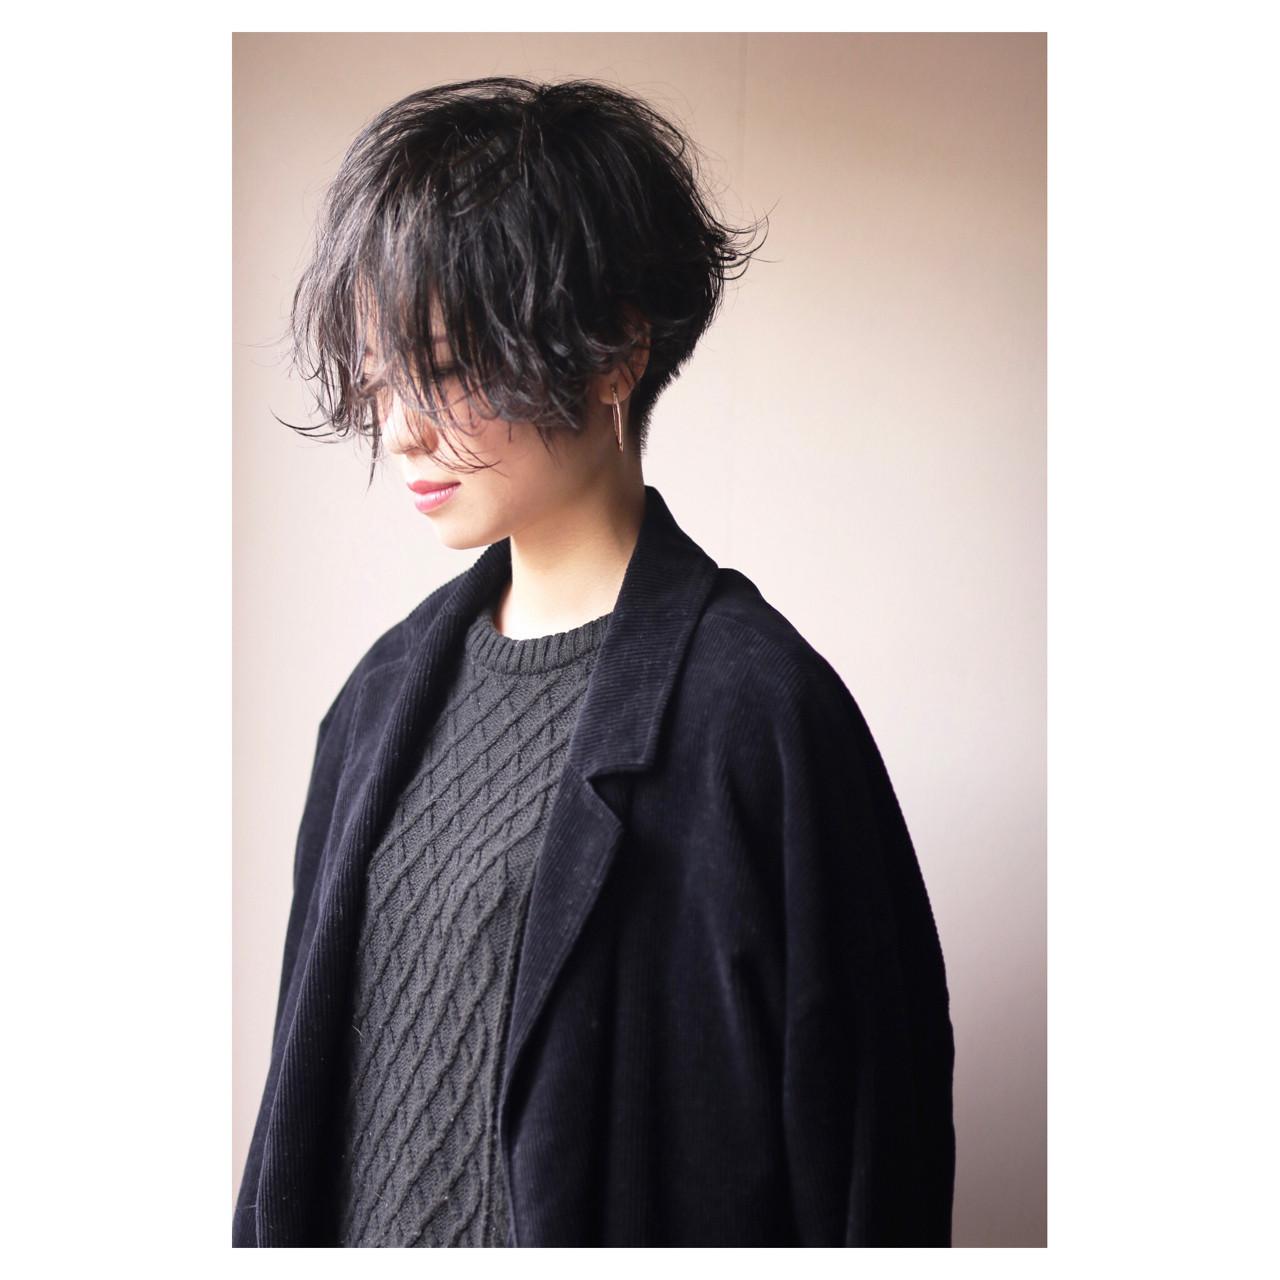 刈上げがクールで色っぽいスタイル ショート職人 伊藤修久 【#tag】